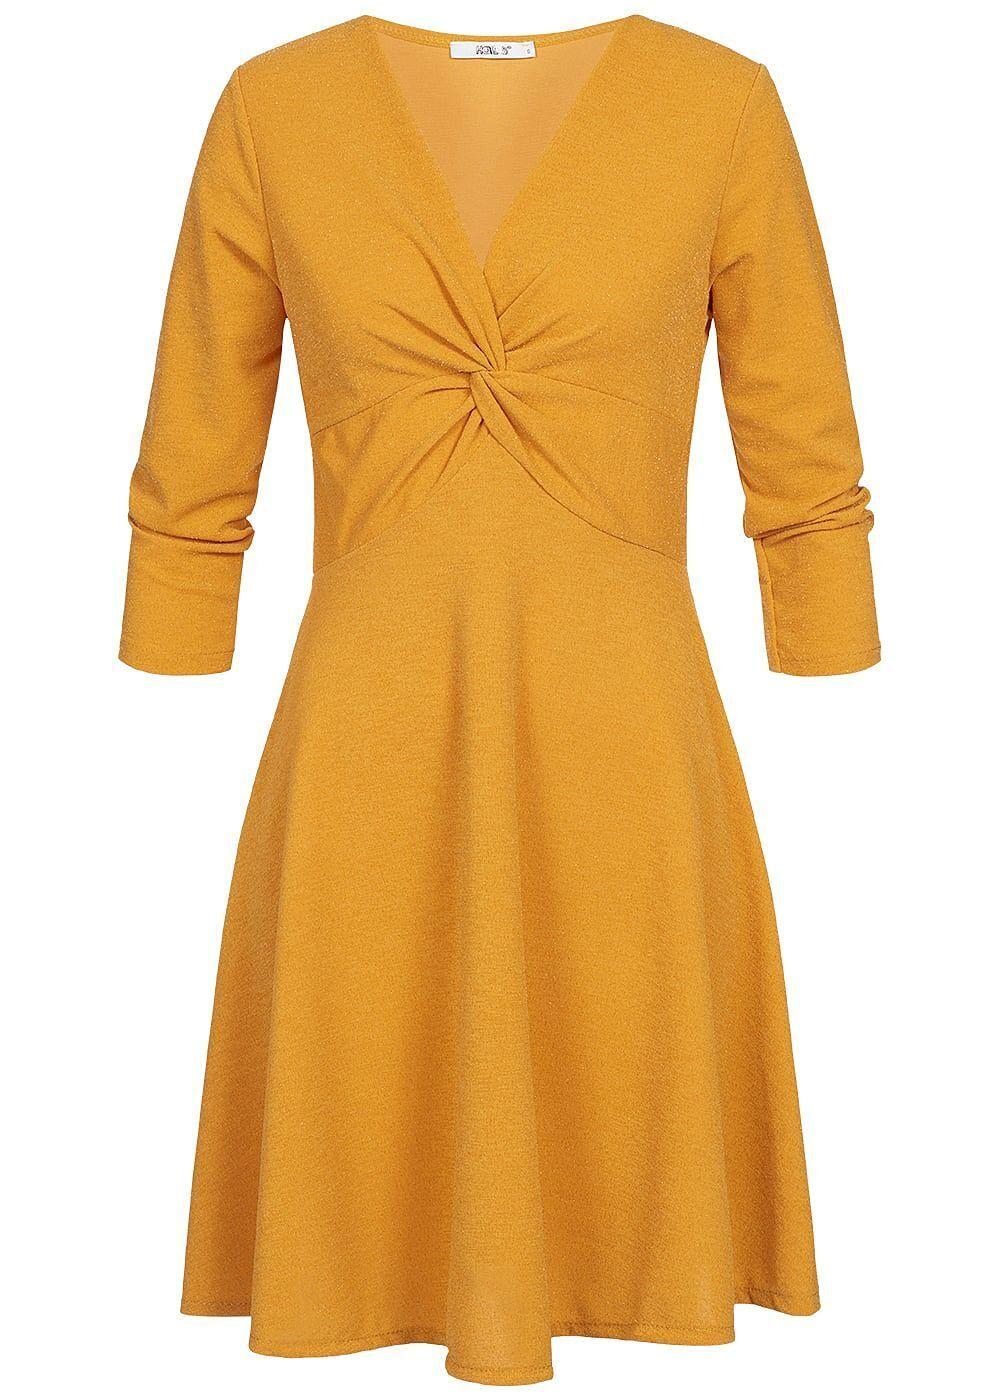 35% OFF B18124127 Damen Hailys Kleid 7/8 Arm mit Bindedetail vorne mustard gelb